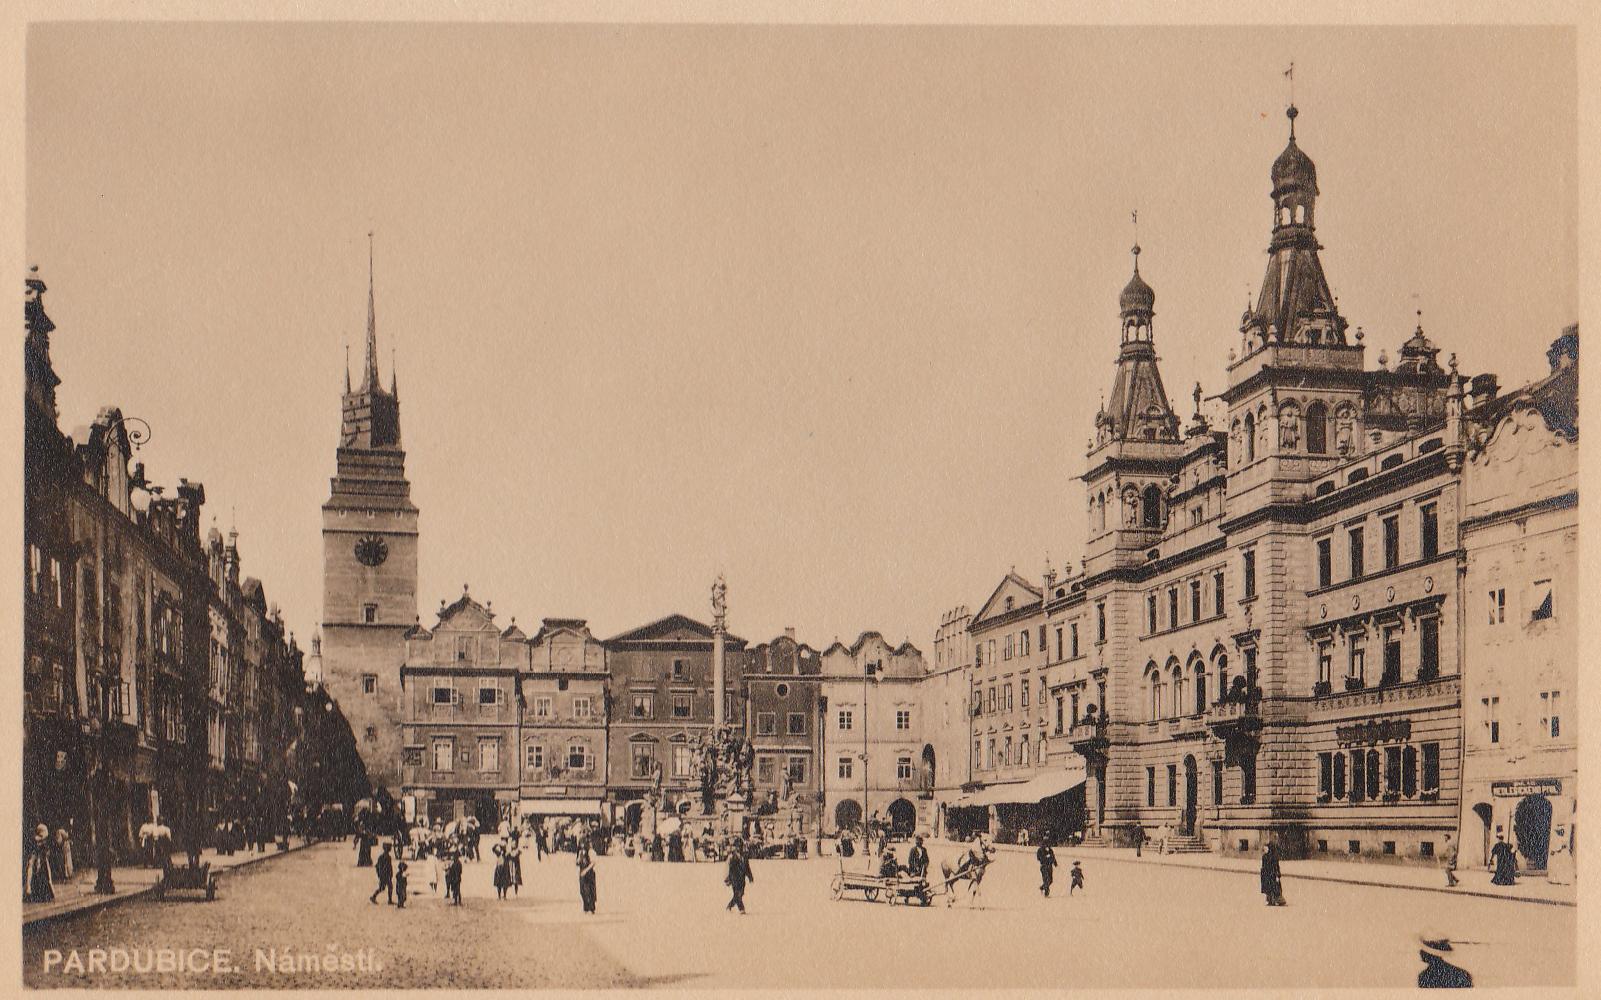 Pardubice Dolezal 1910 03.jpg